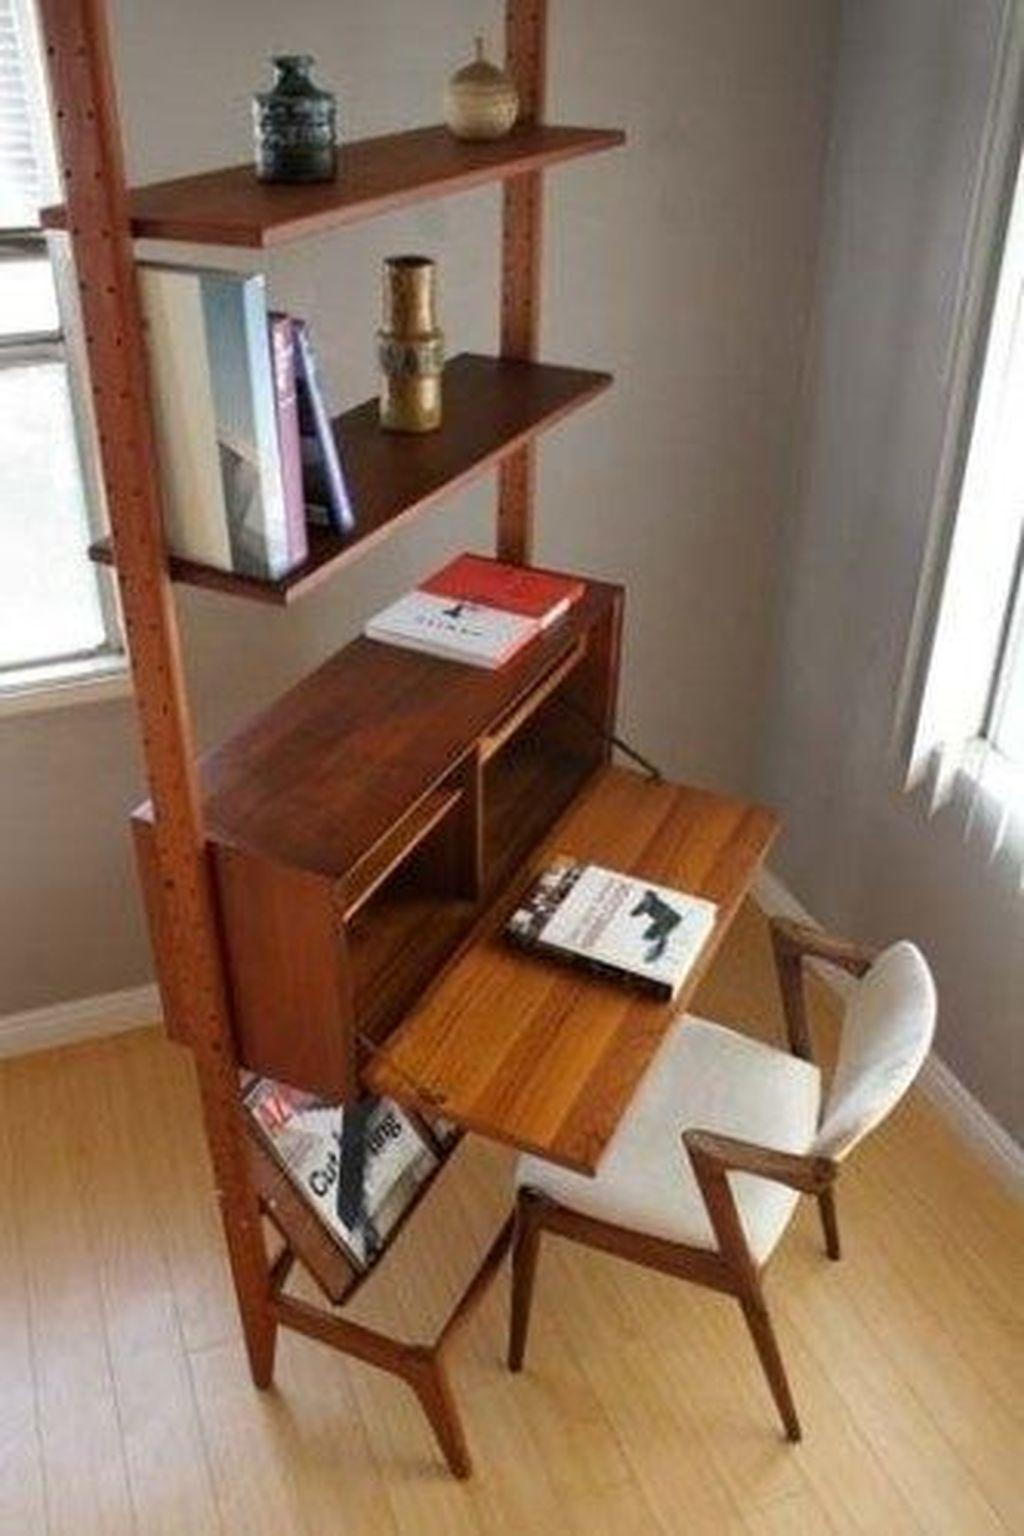 Stunning Mid Century Apartment Decor Ideas 23